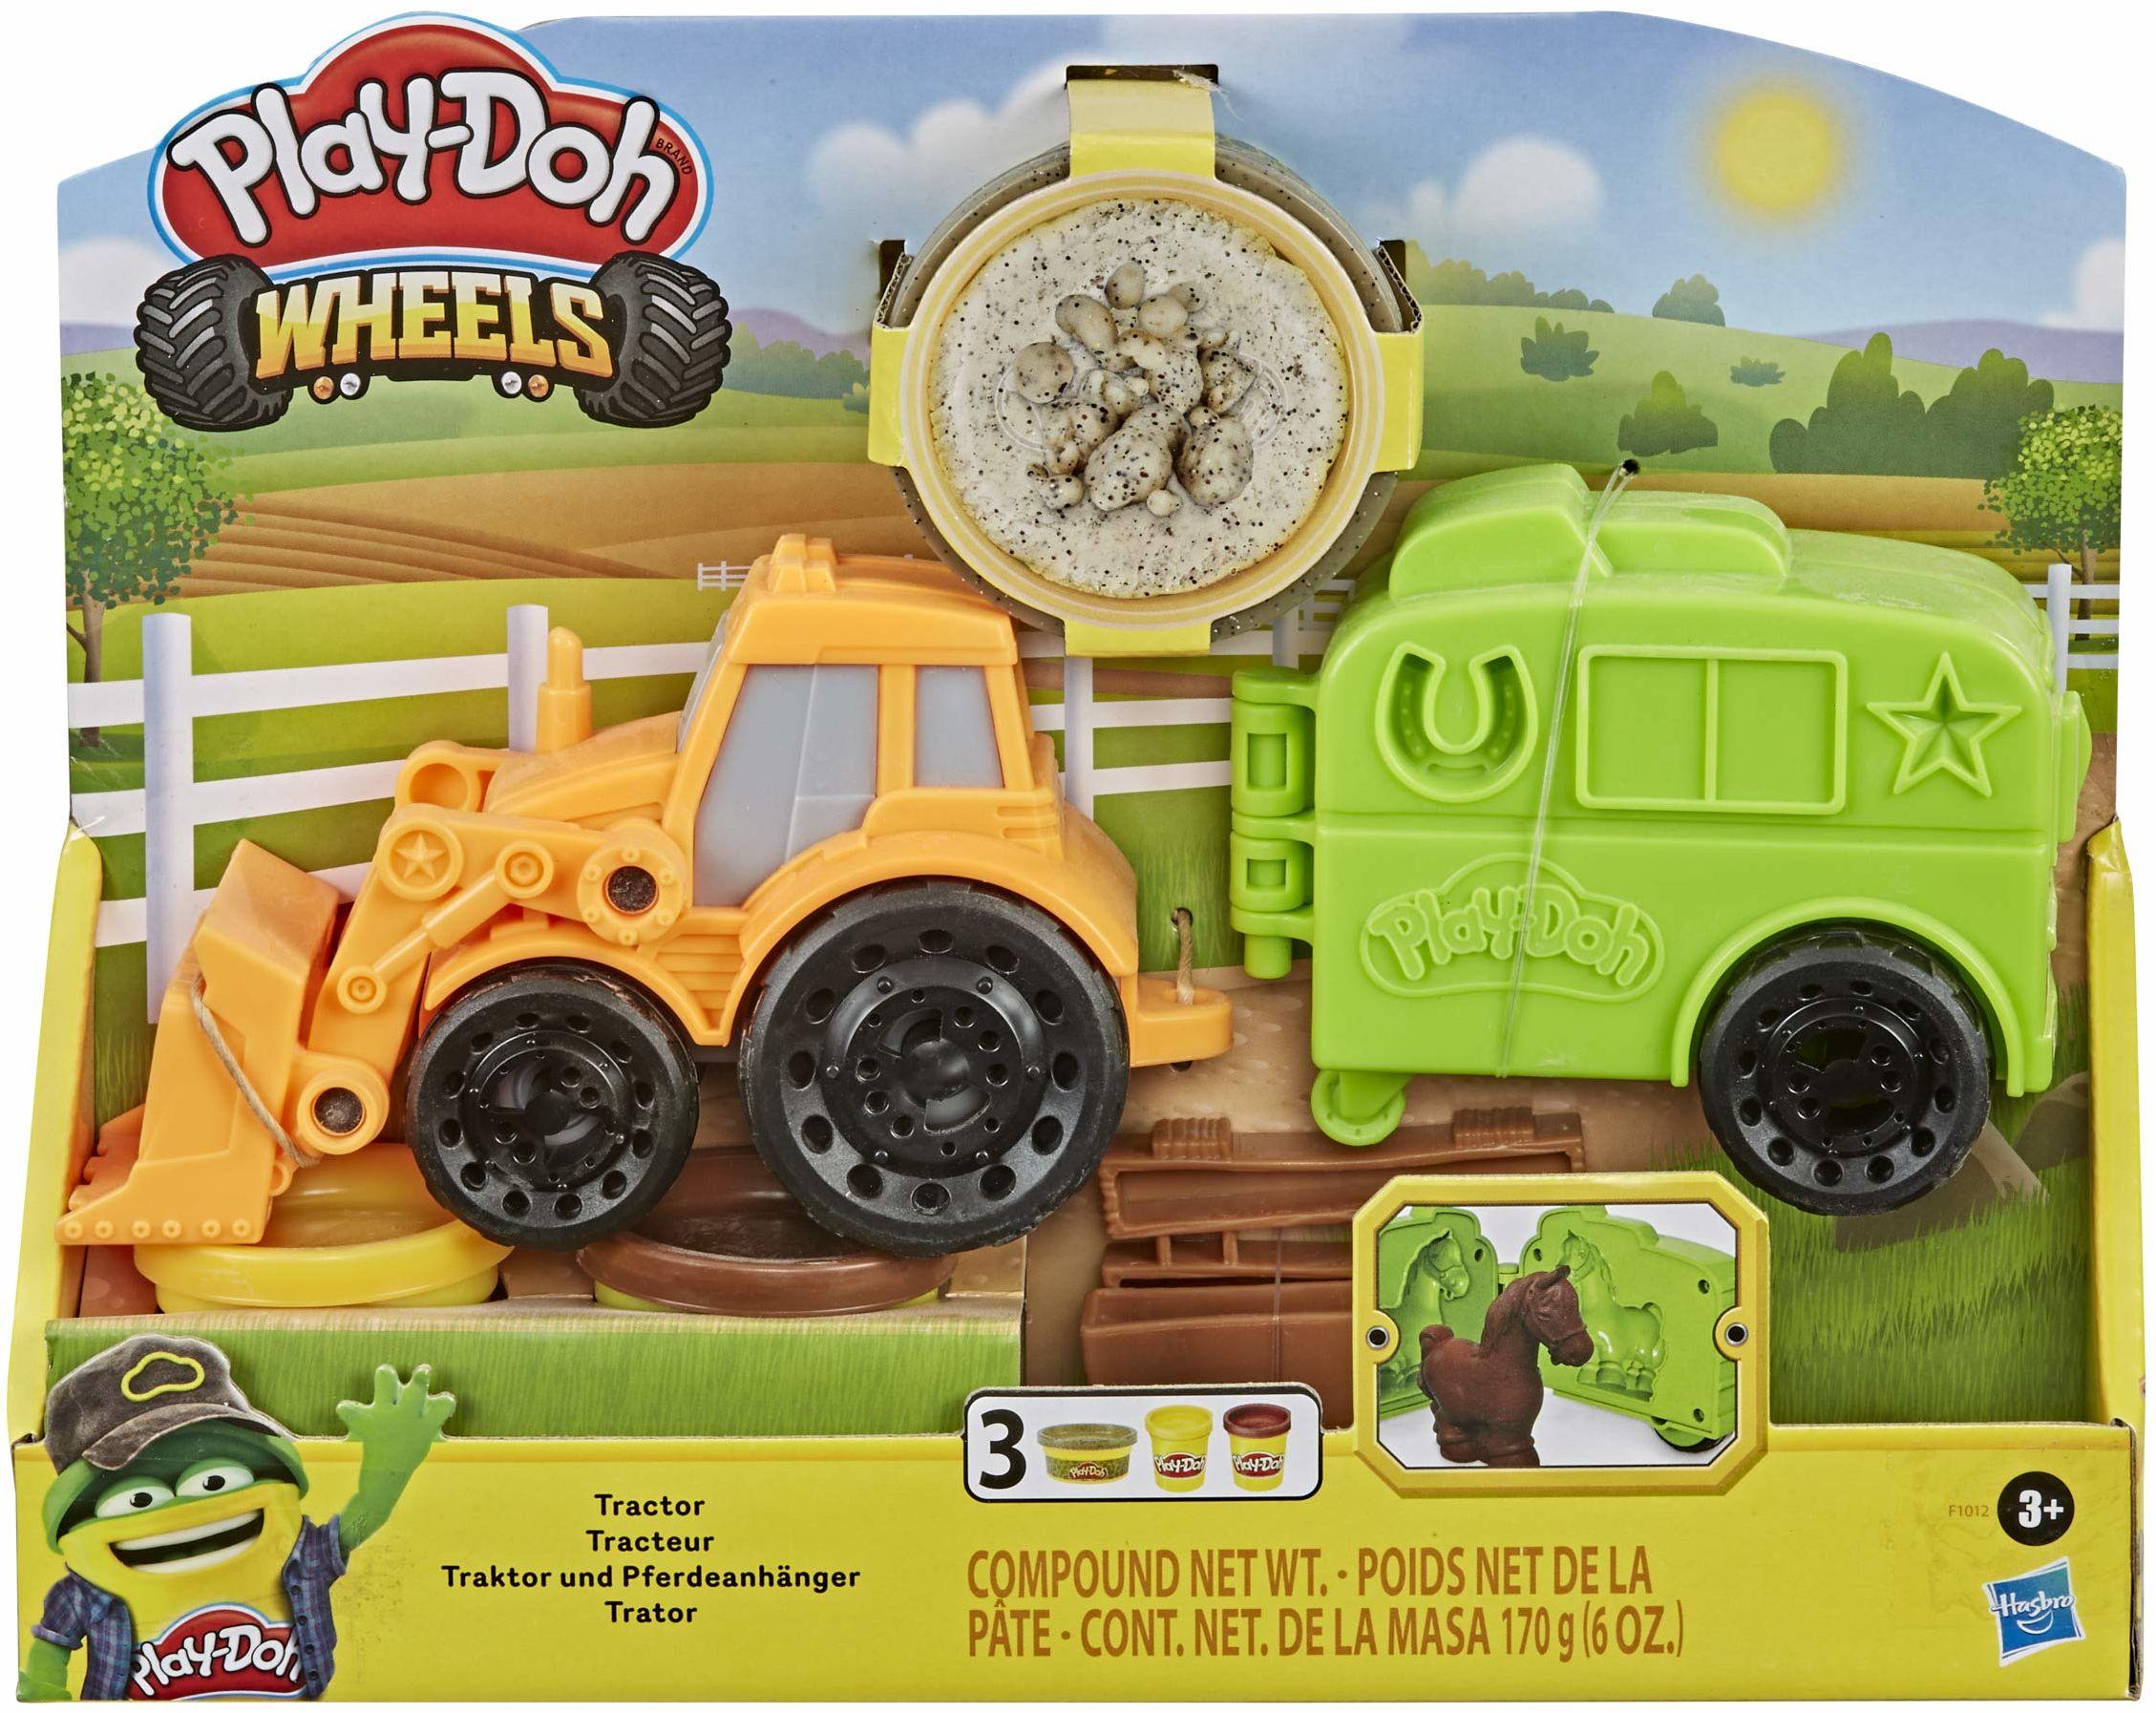 Traktor Play-Doh Wheels z foremką w kształcie przyczepy dla koni i 3 tubamii z nietoksyczną masą plastyczną, zabawka dla dzieci w wieku od 3 lat